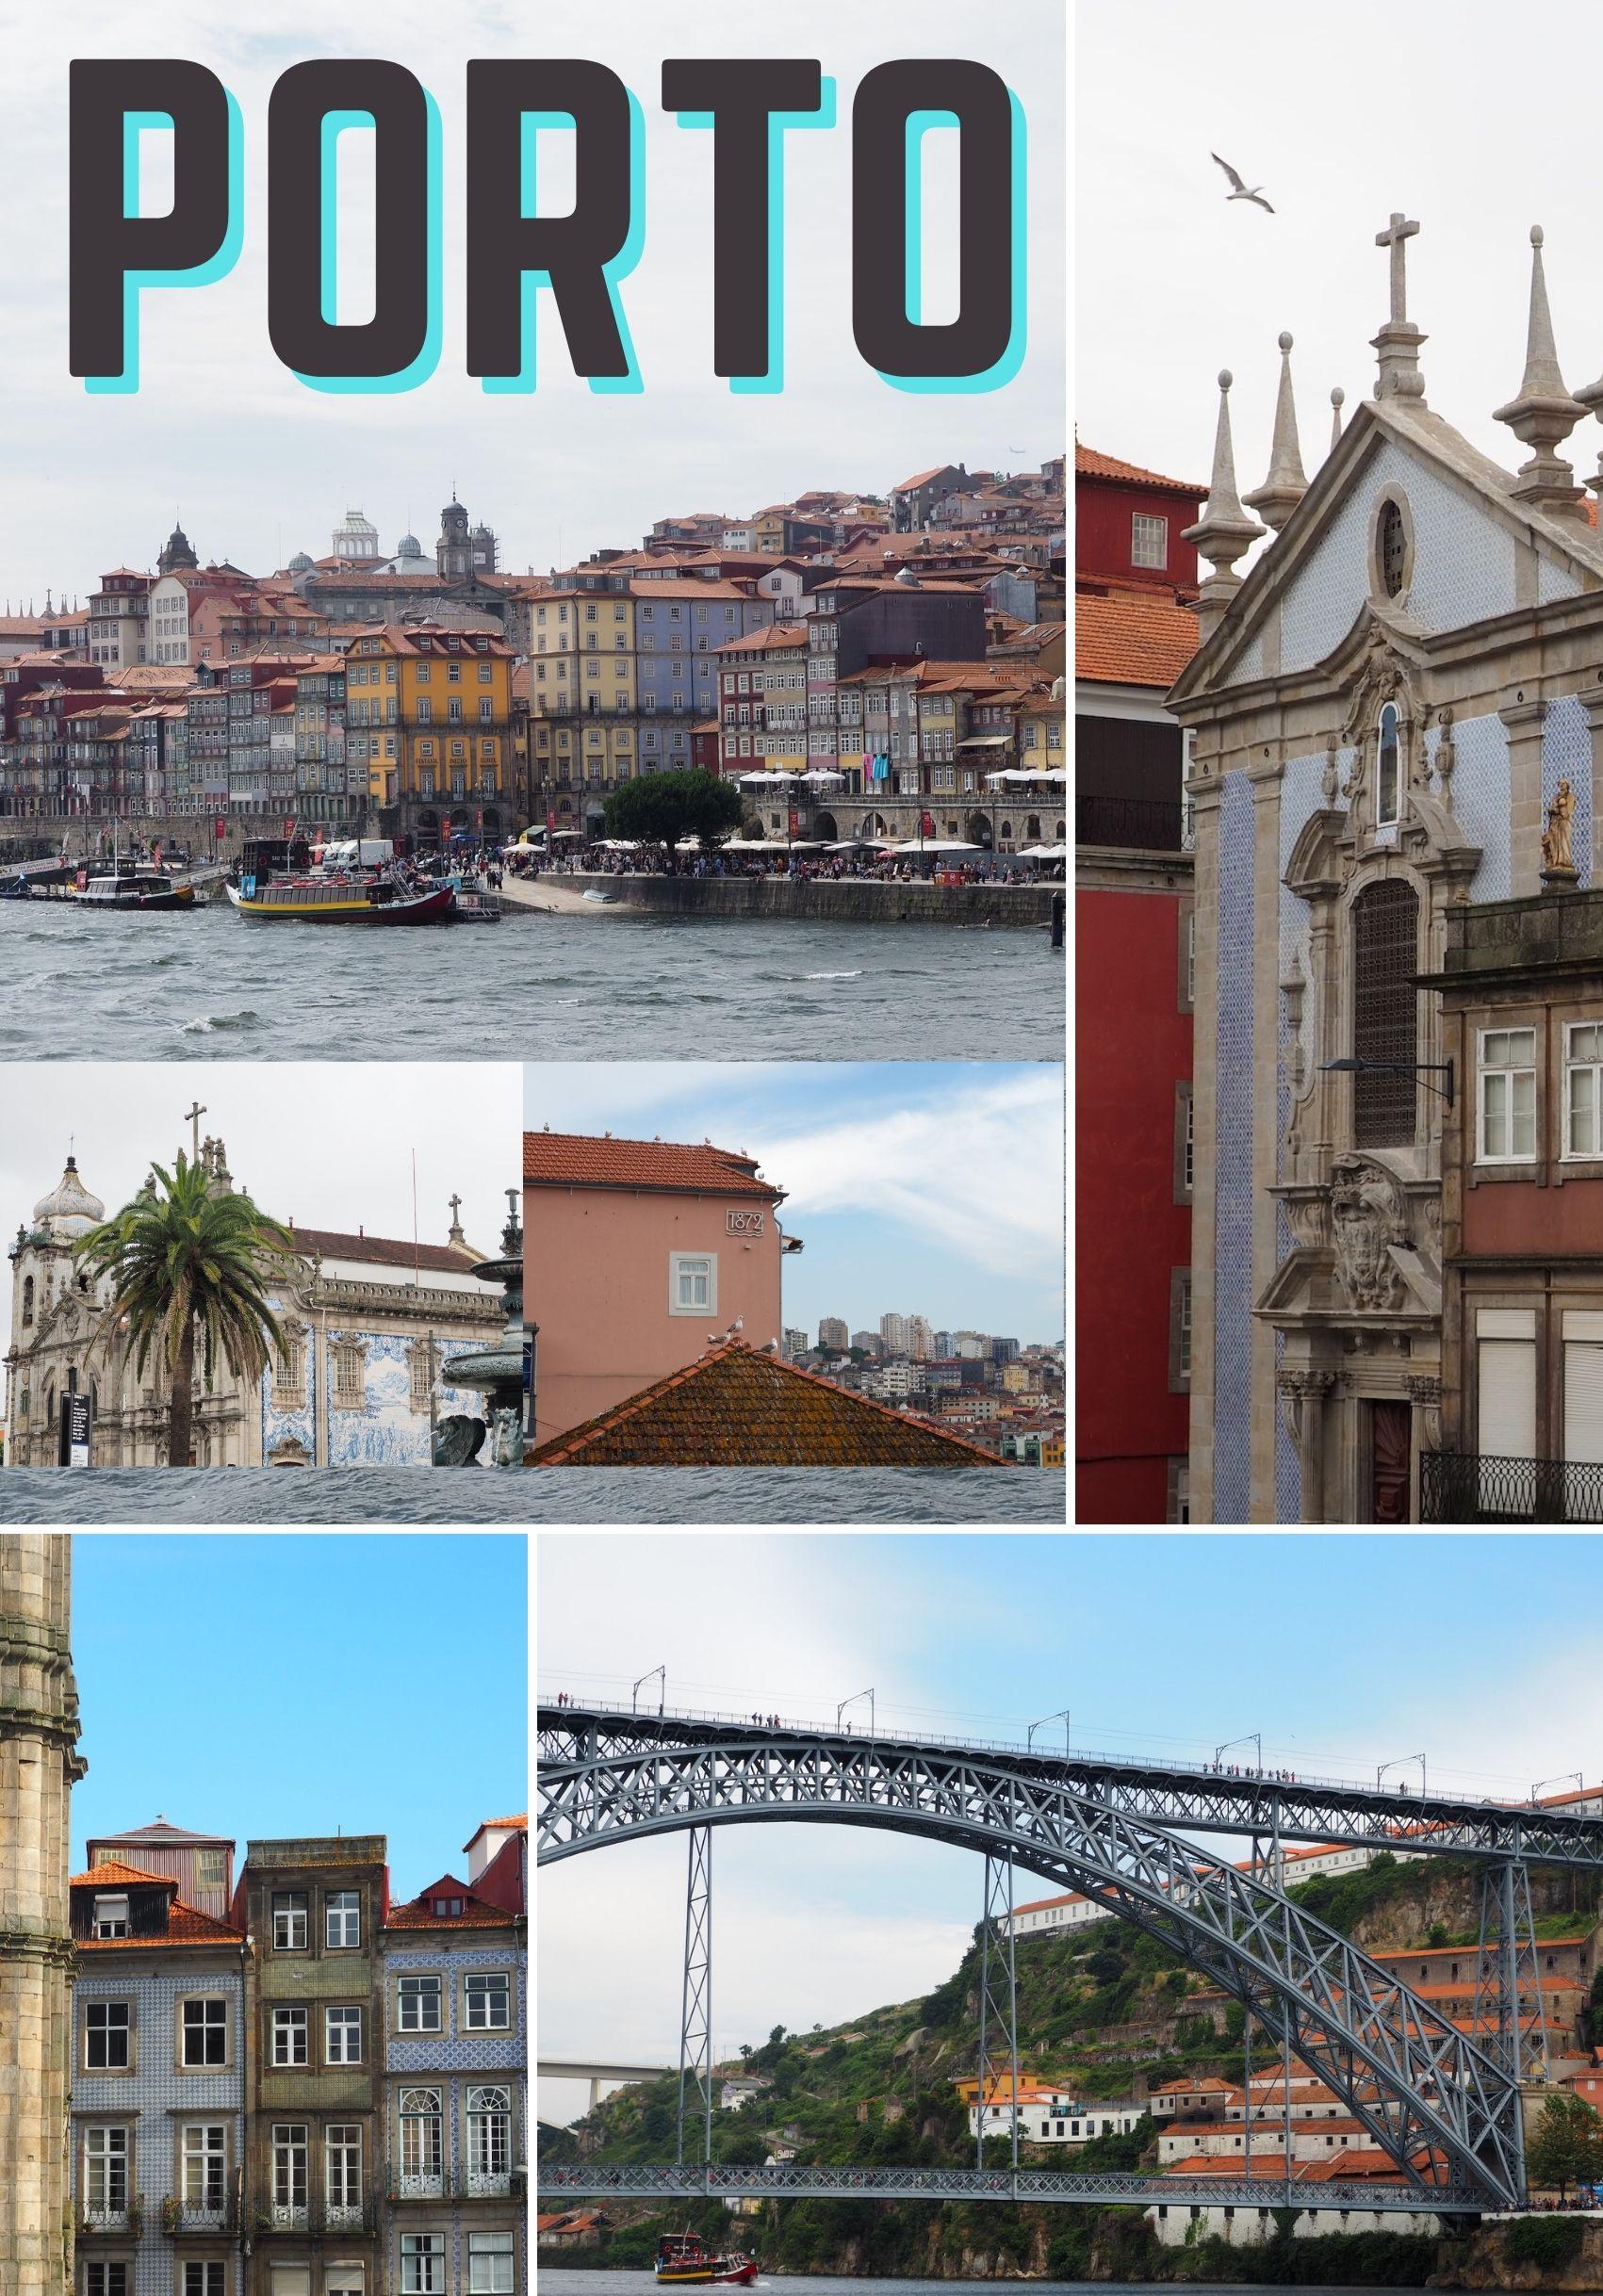 Visiter Porto au Portugal, d'une rive à l'autre du Douro: ses principales attractions touristiques et la dégustation de Porto.